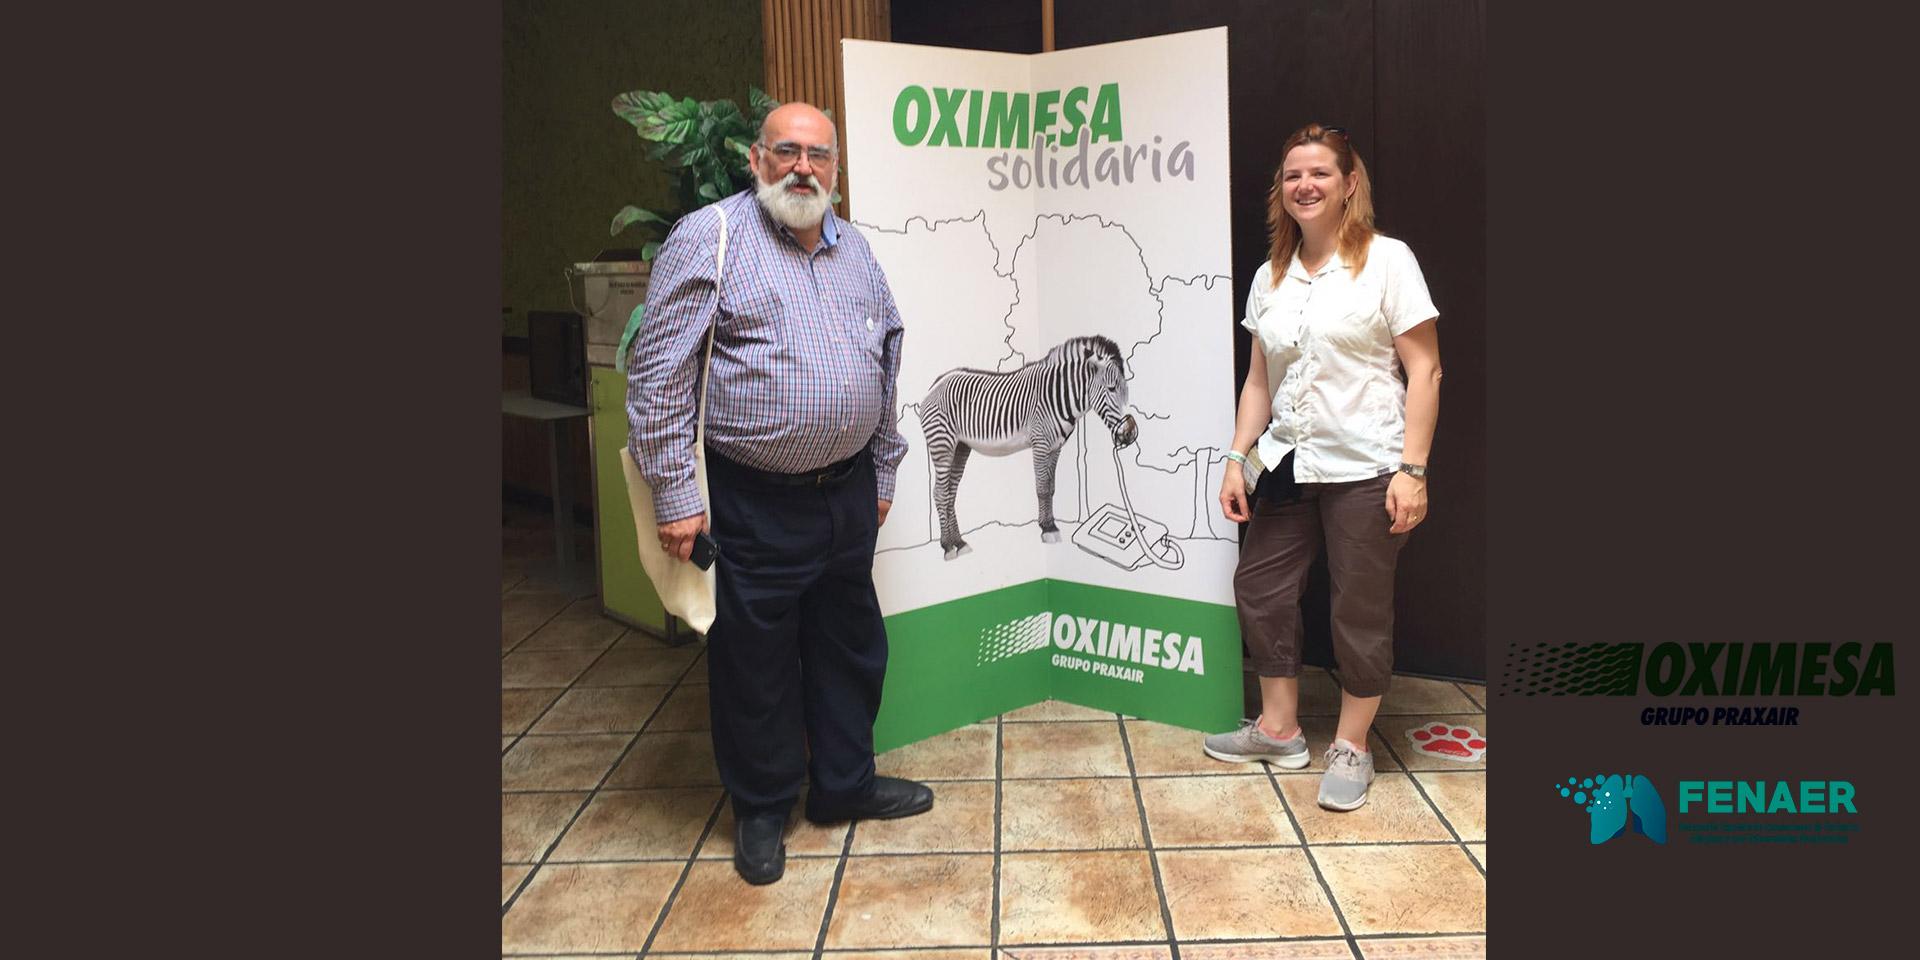 Jornada de entretenimiento saludable OXIMESA